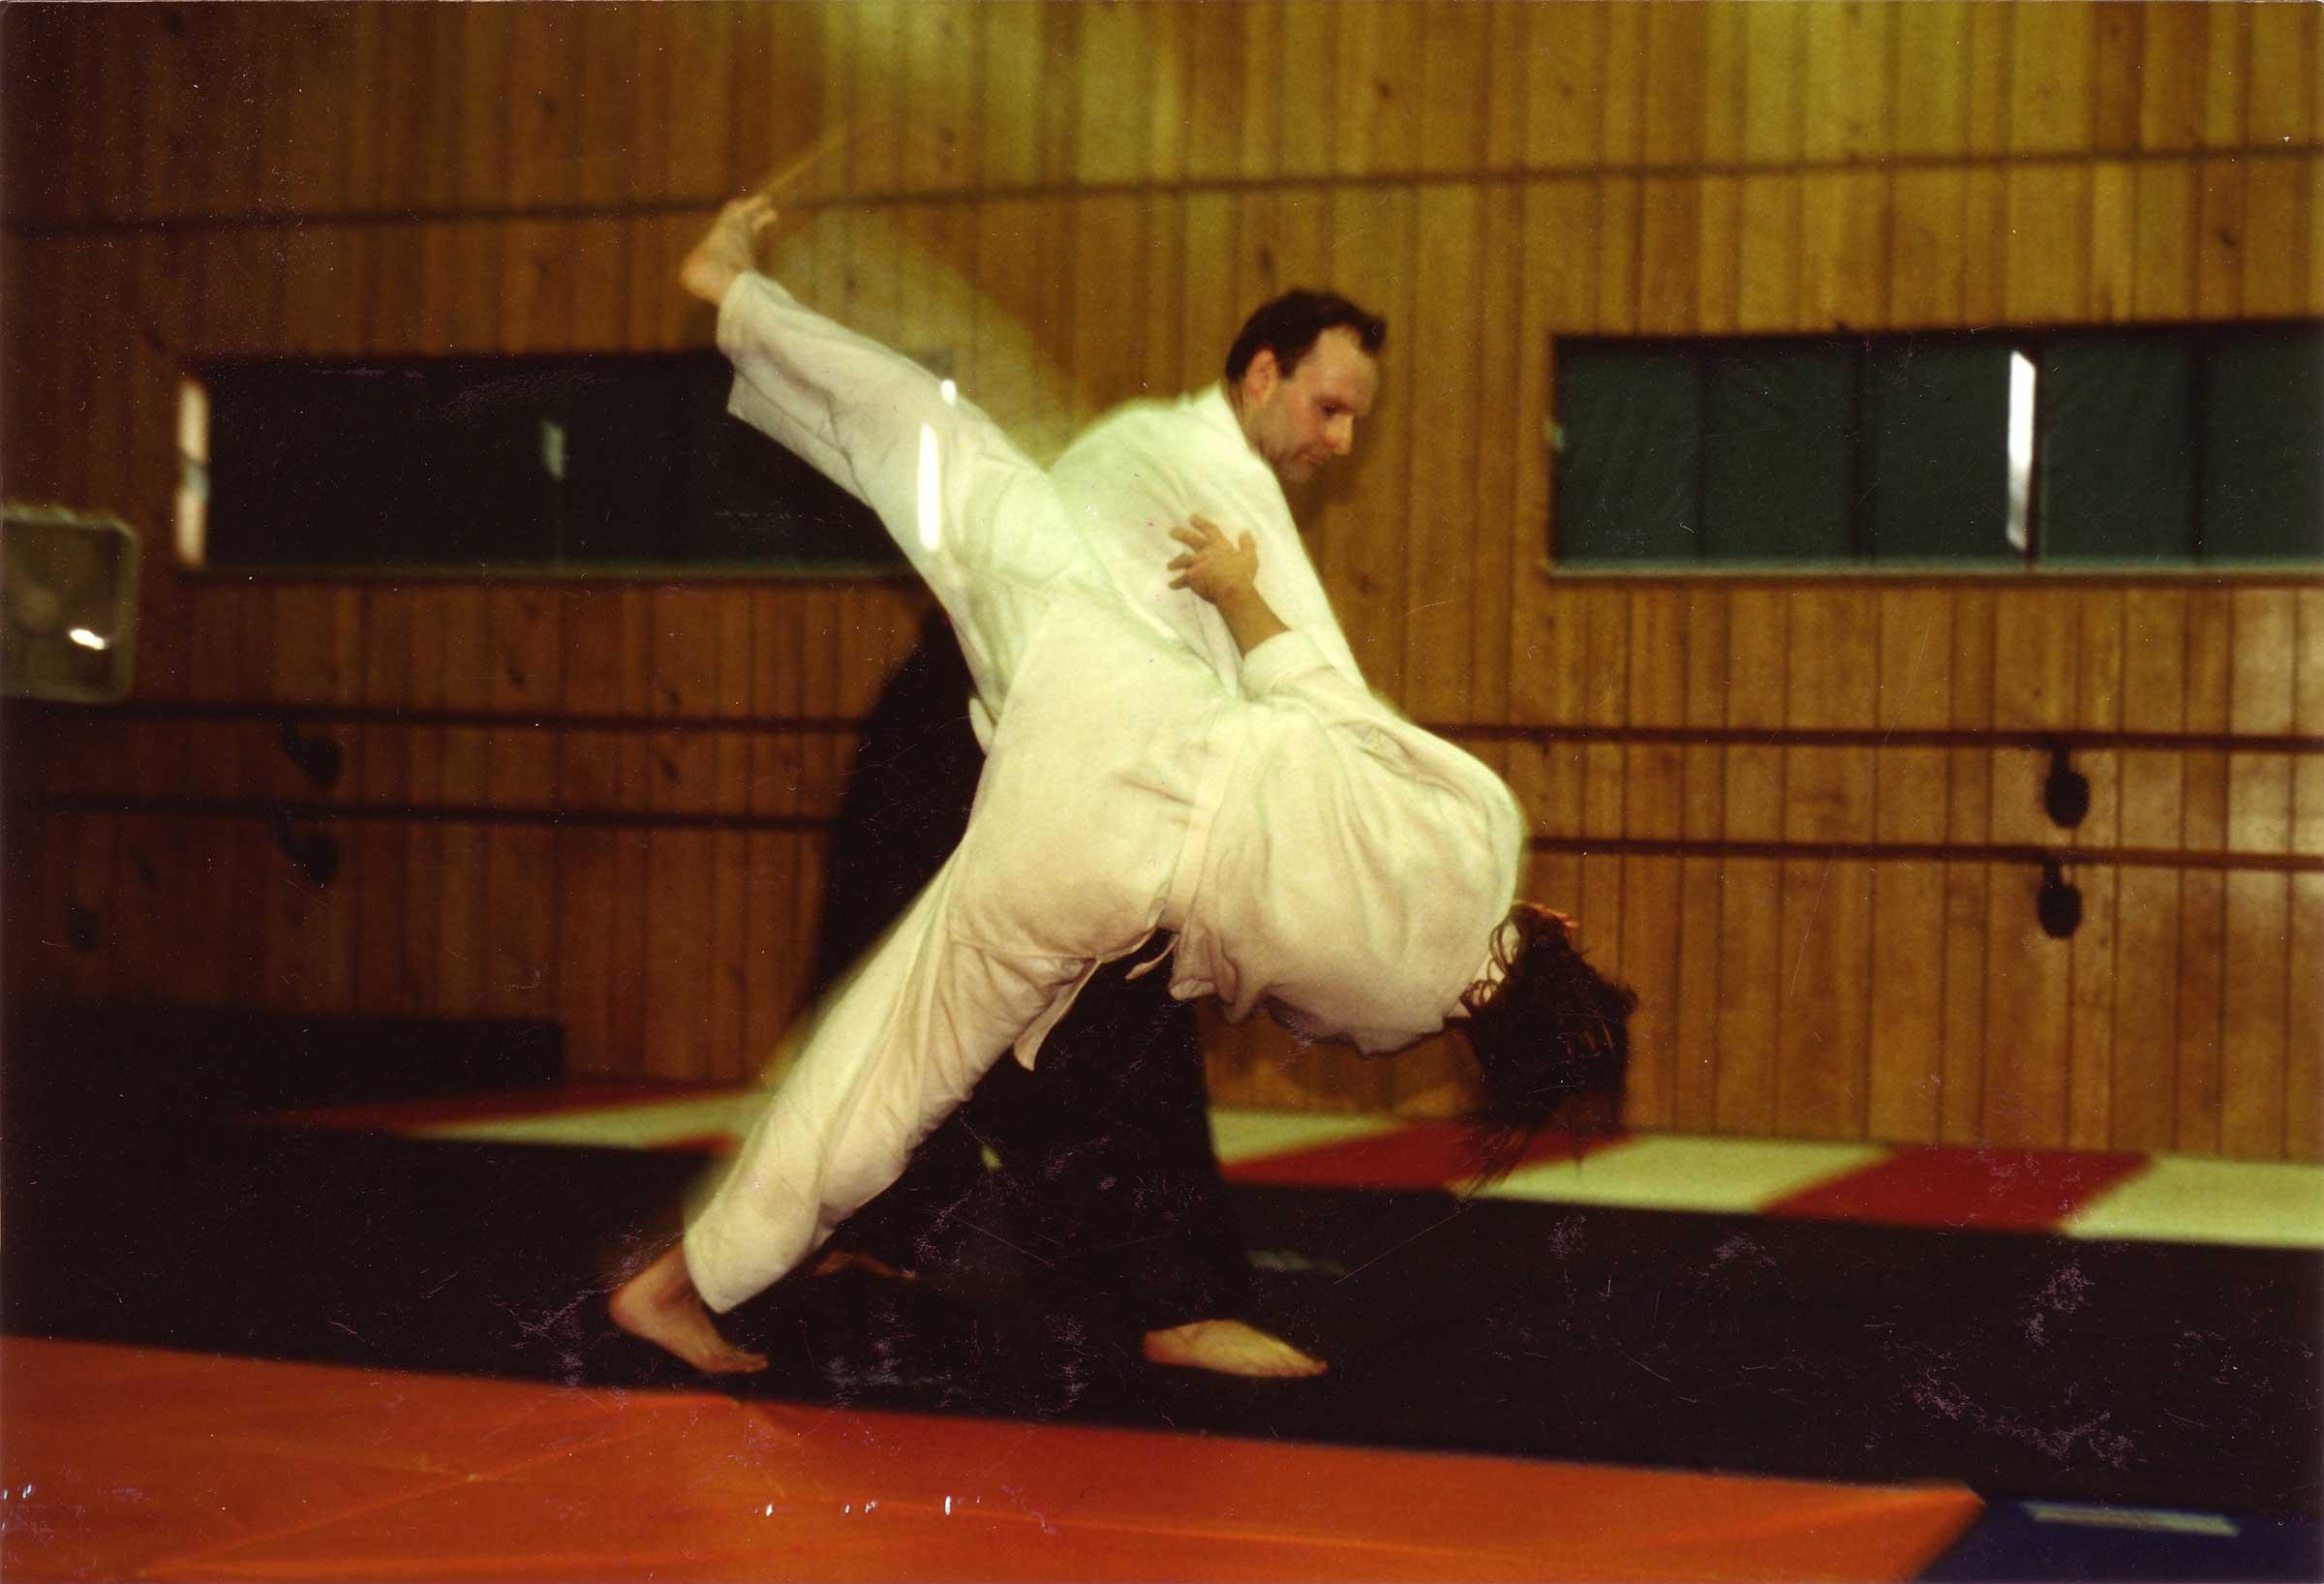 Chris Rozett and Dee Seabolt, circa 1996